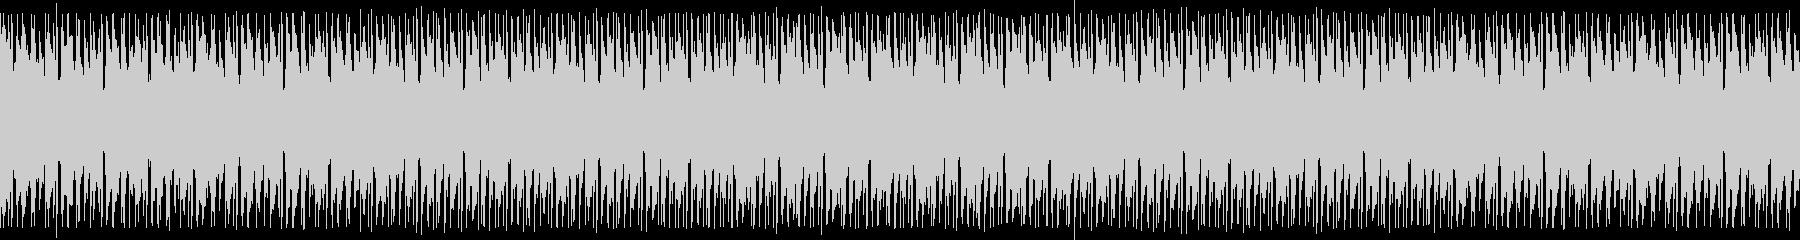 神々しいクリスタル音のヒップホップの未再生の波形